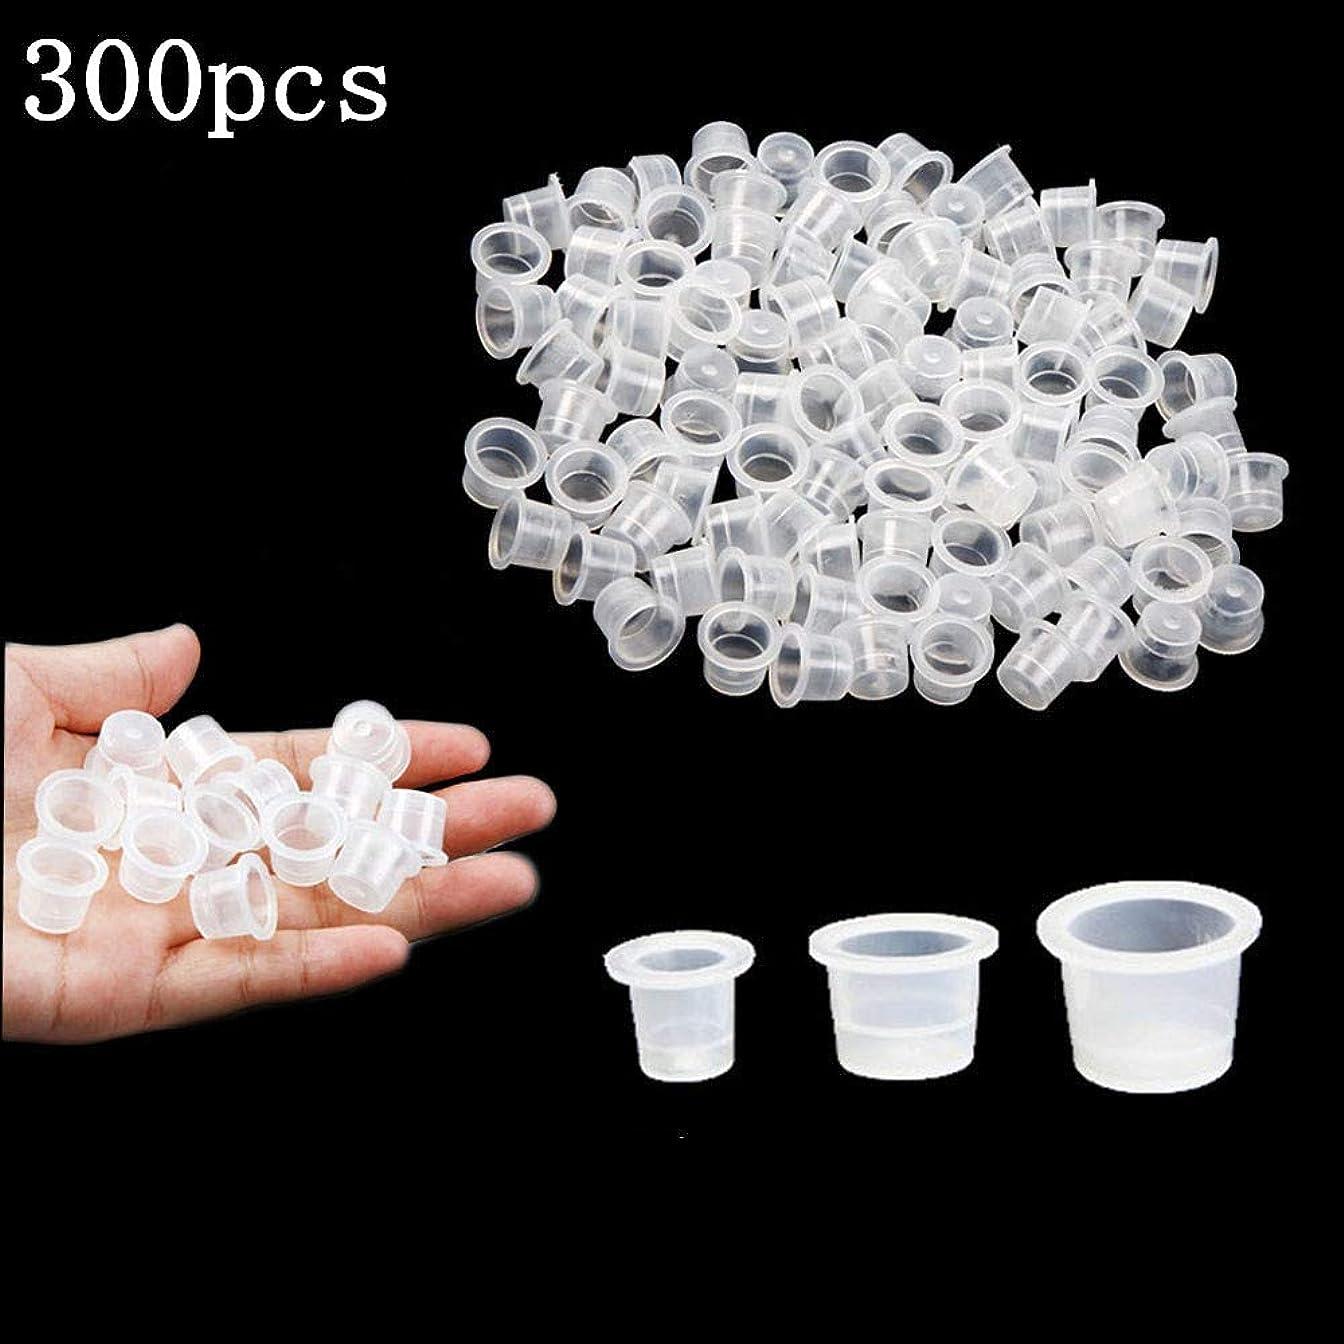 書き込みテセウス床Kingsie インクキャップ 300個セット タトゥーインクカップ 使い捨て ホワイト 半透明 S/M/L